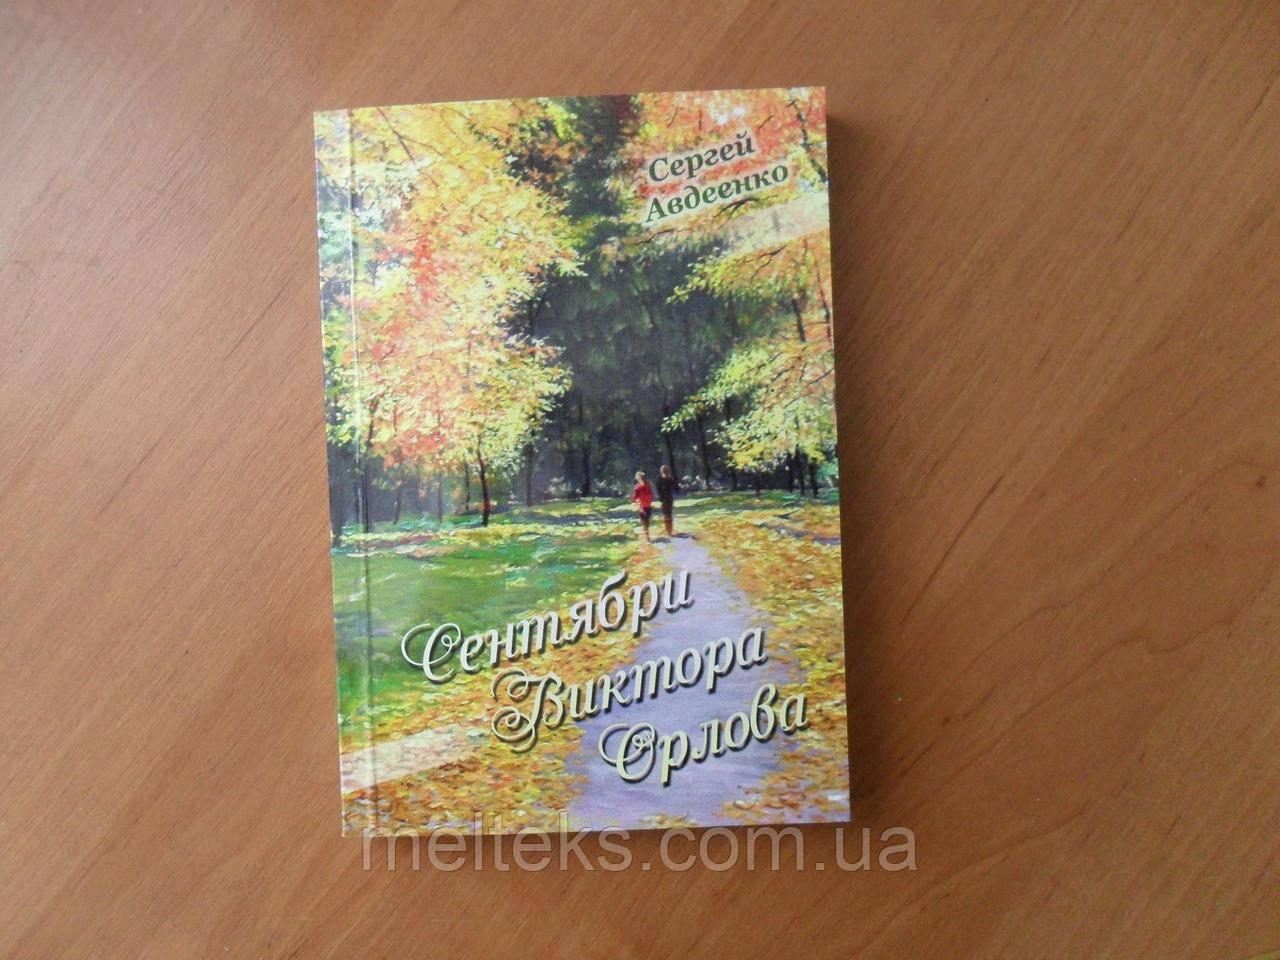 Сентябри Виктора Орлова (книга Сергея Авдеенко)